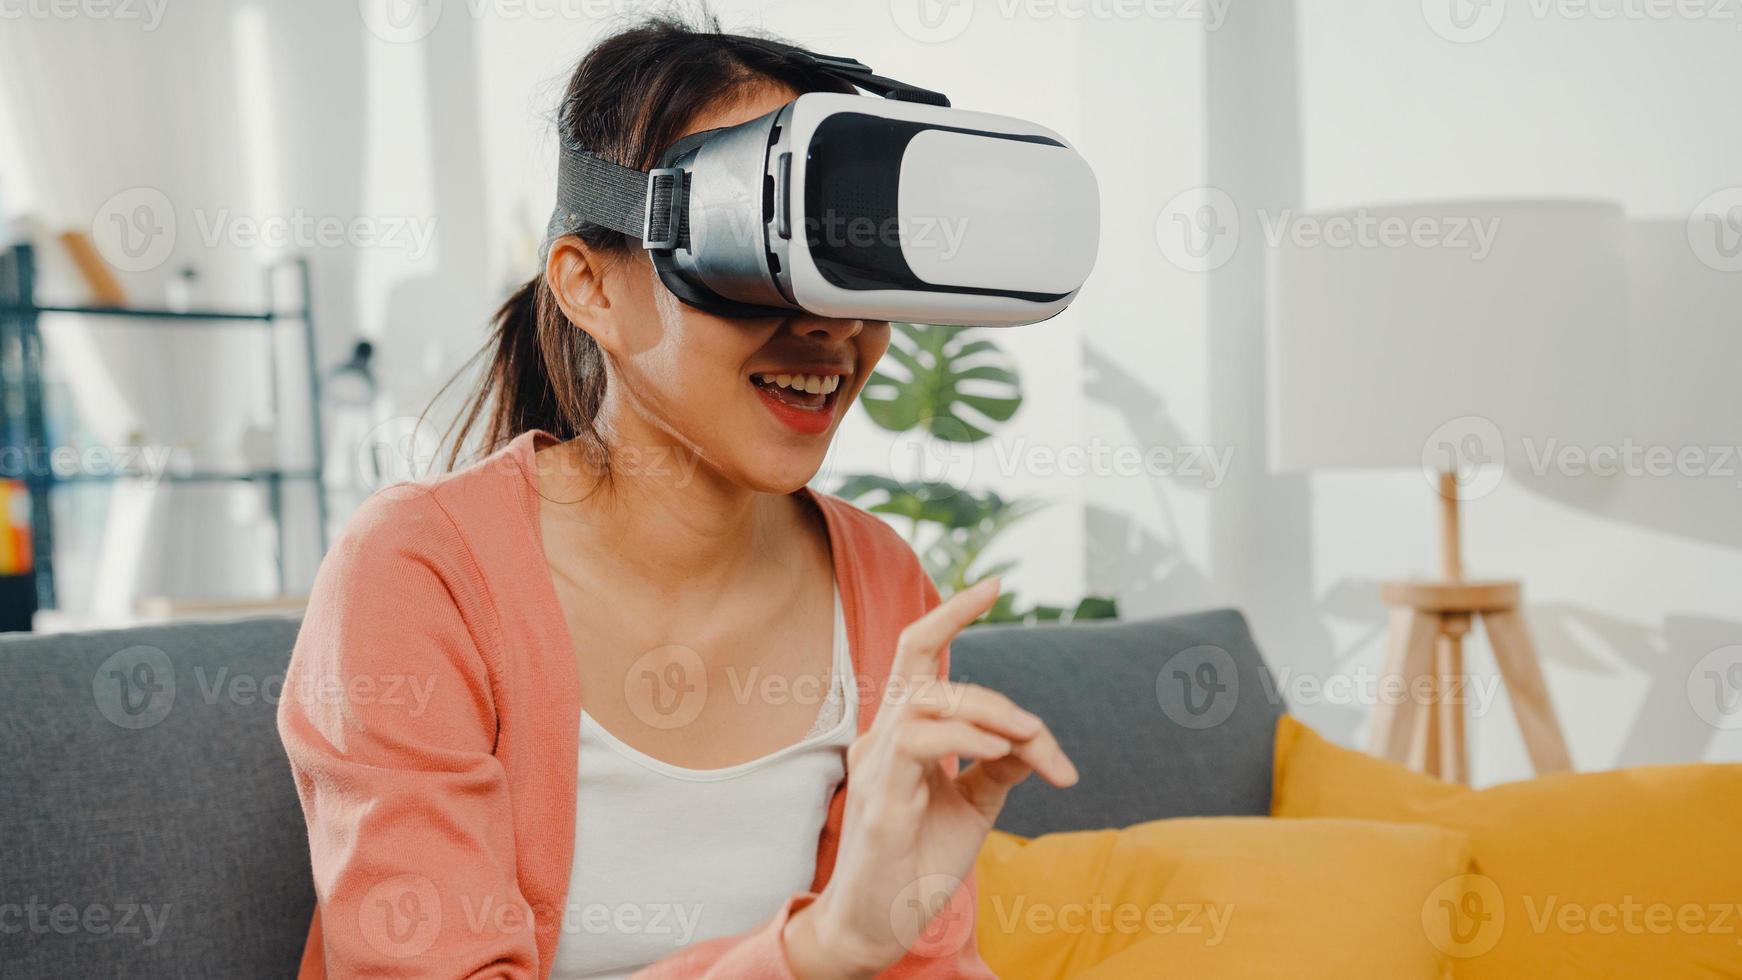 Señora asiática con gafas de auriculares de realidad virtual gesticulando la mano sentada en el sofá en la sala de estar en casa. quédate en casa, covid cuarentena, reimaginando la realidad, tecnología vr del concepto futuro. foto